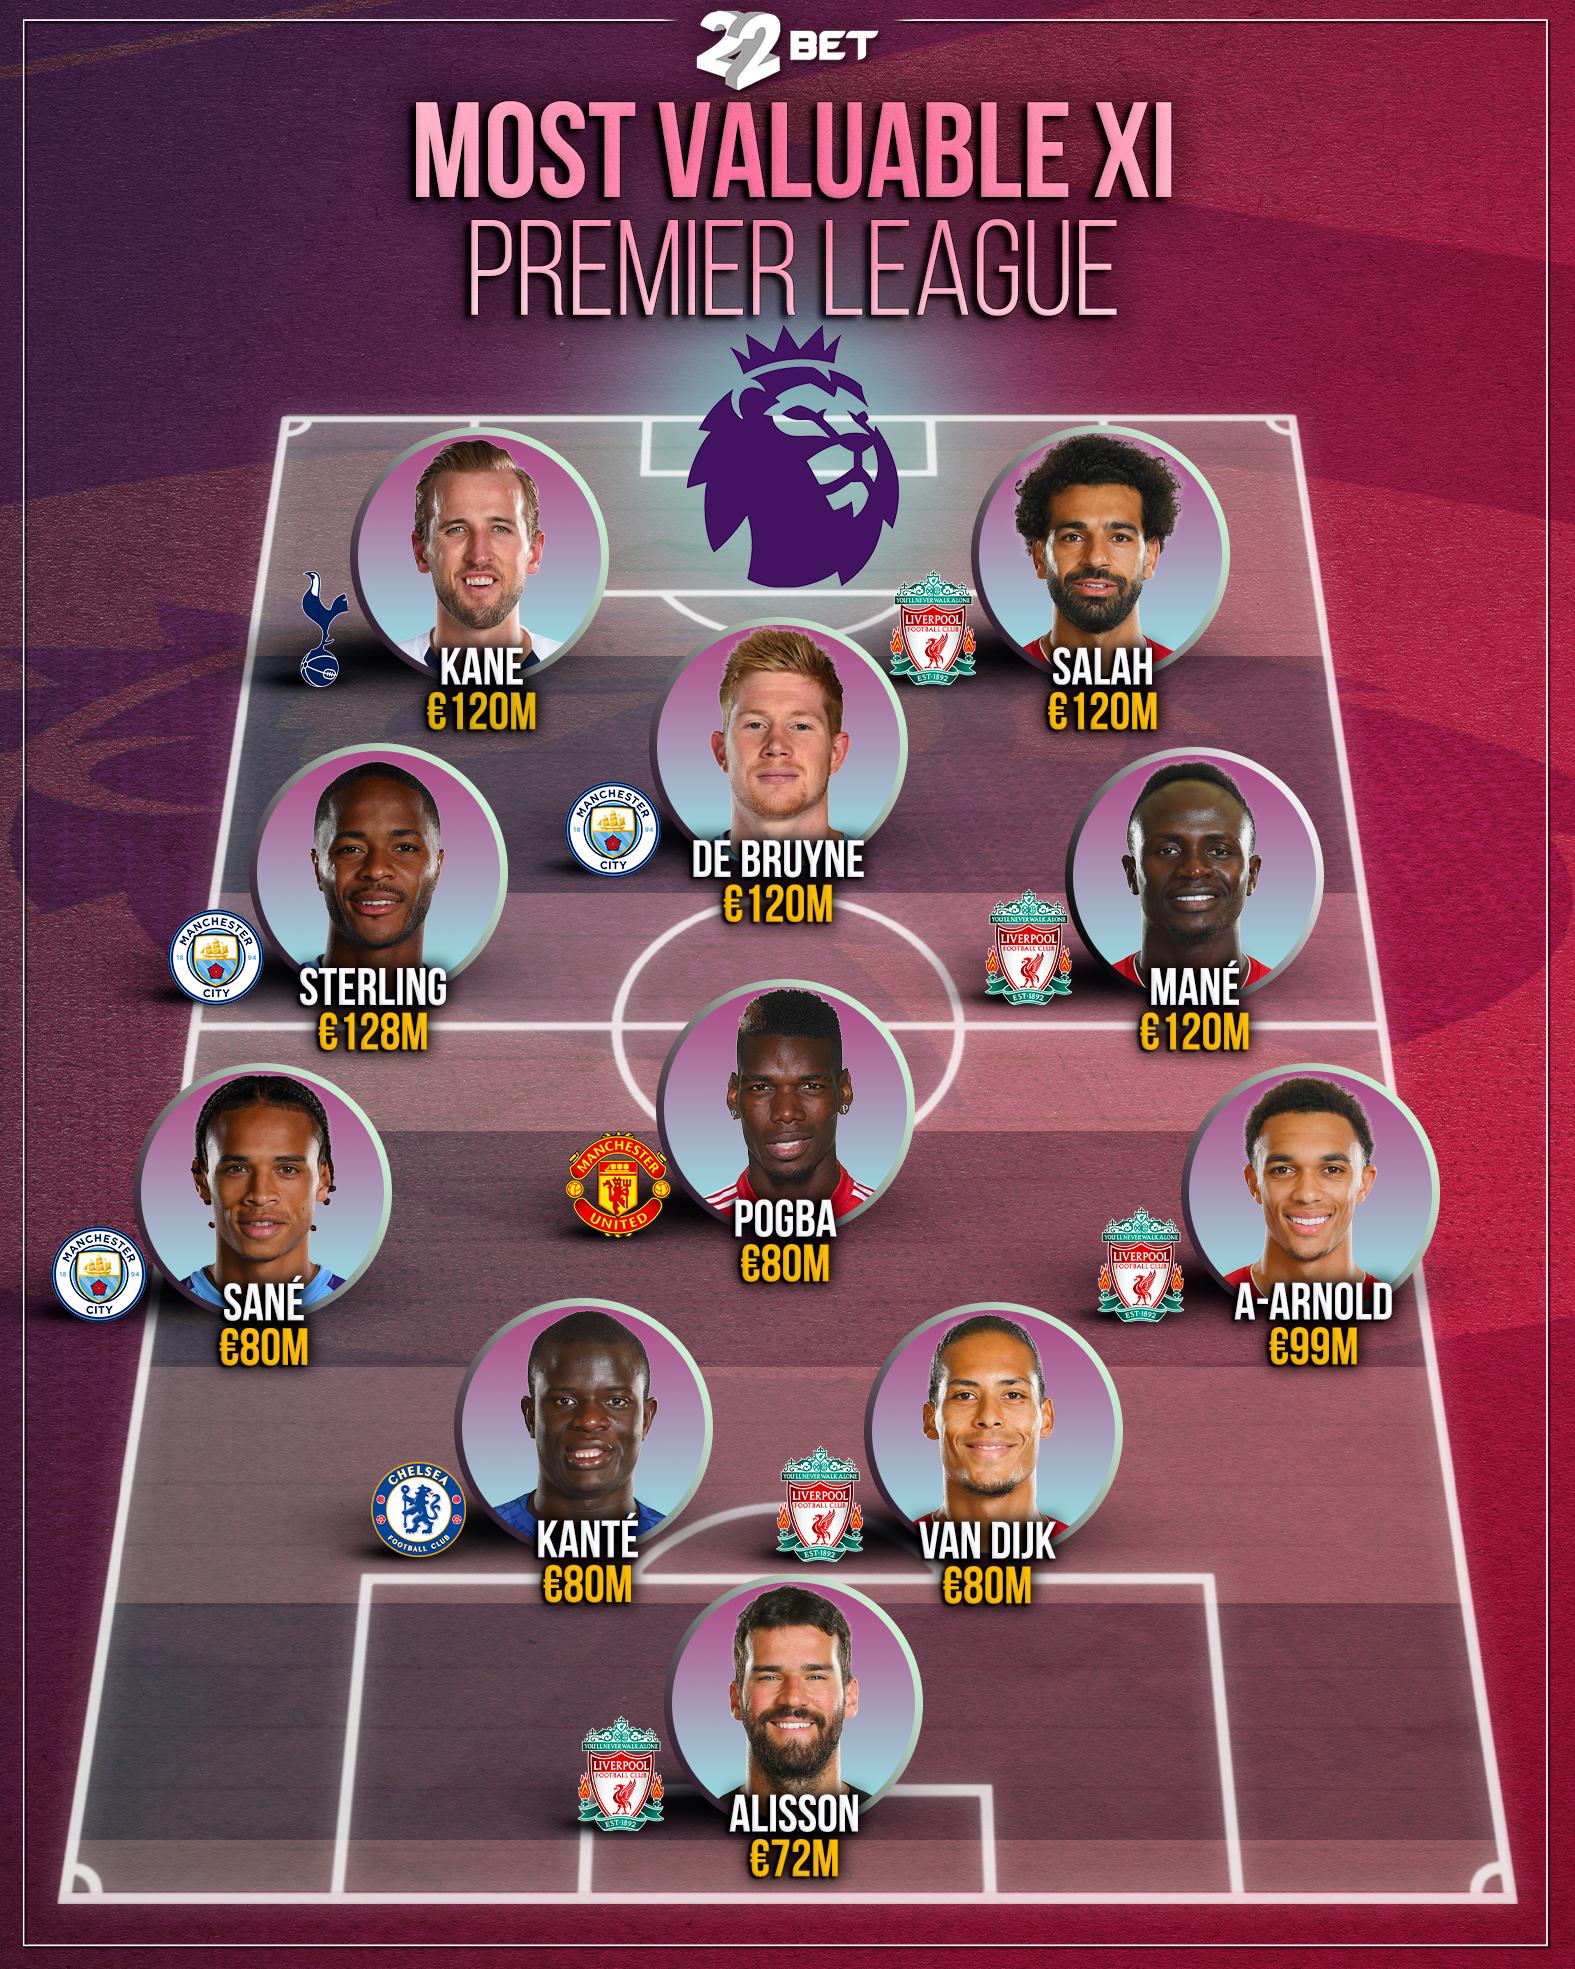 Most Valuable Xi Premier League Players In 2020 Premier League Kane De Bruyne